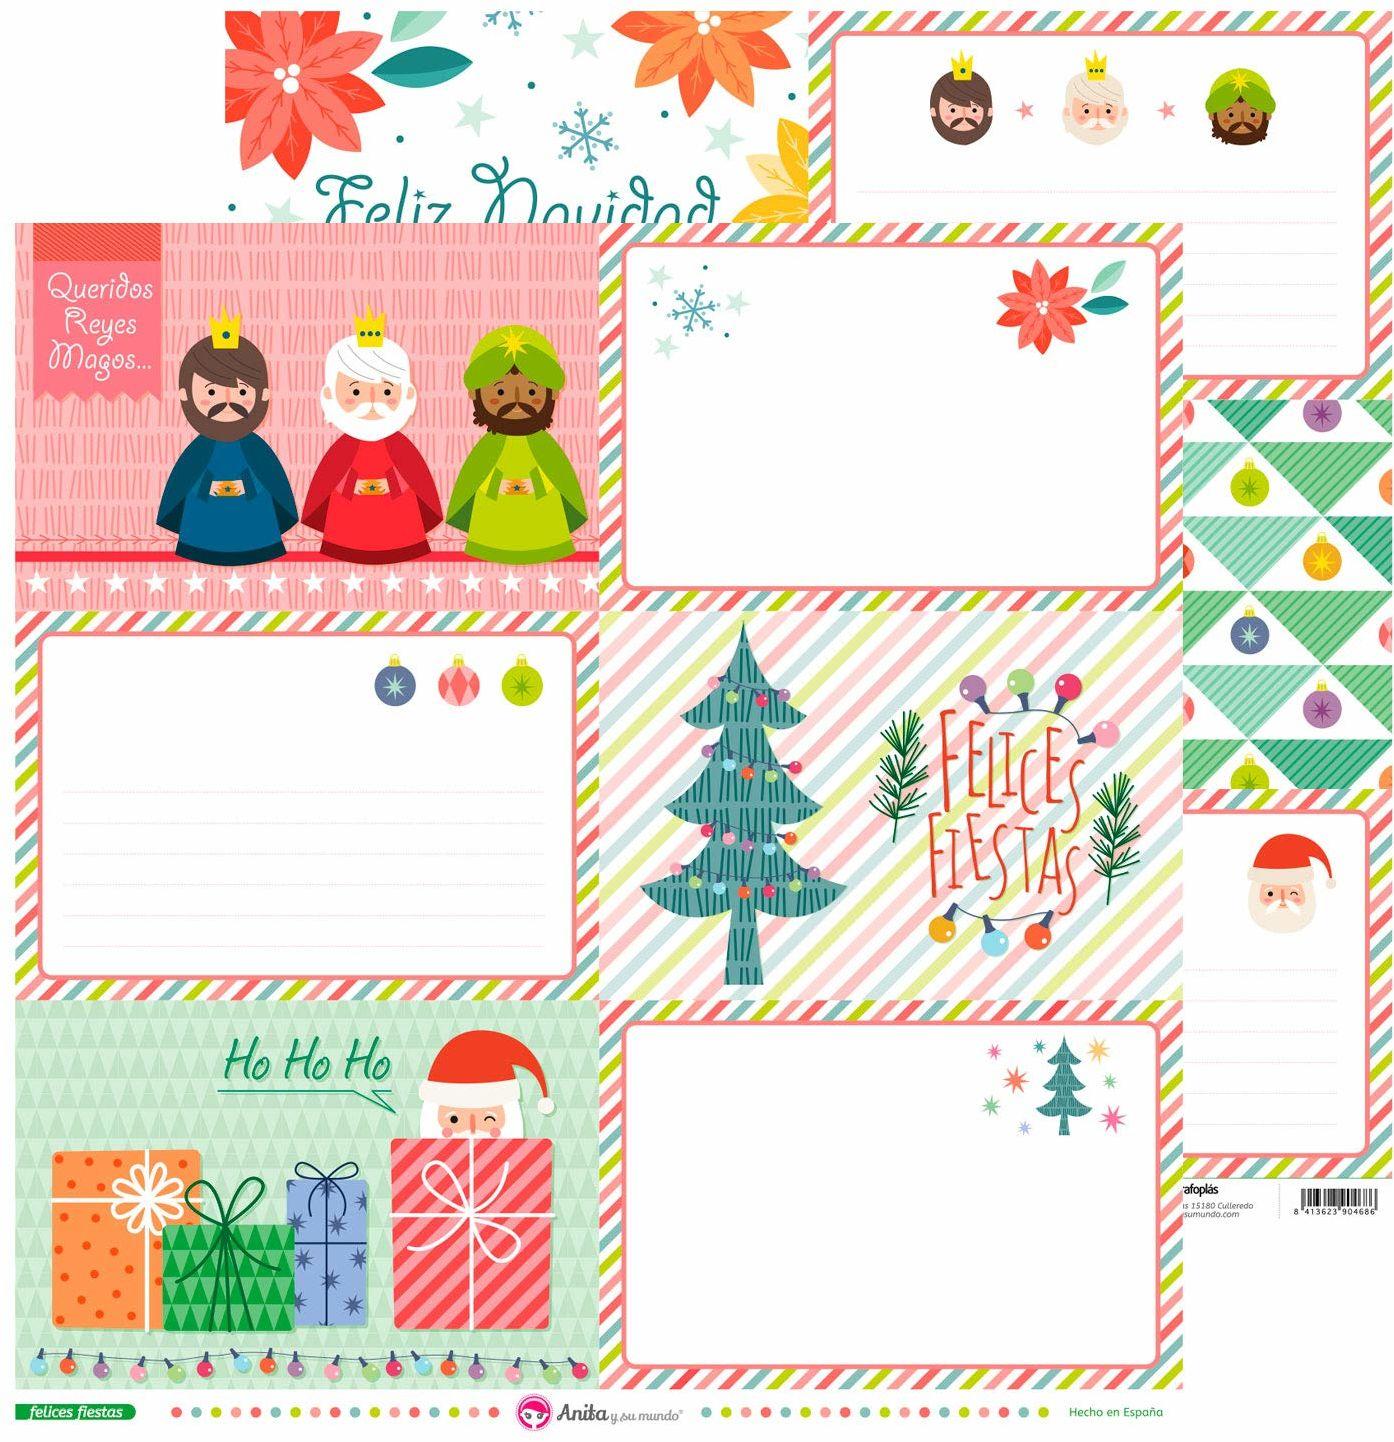 Anita & Seine Welt duże kartki, Wesołych Świąt Bożego Narodzenia, 30,5 x 30,5 cm, 5